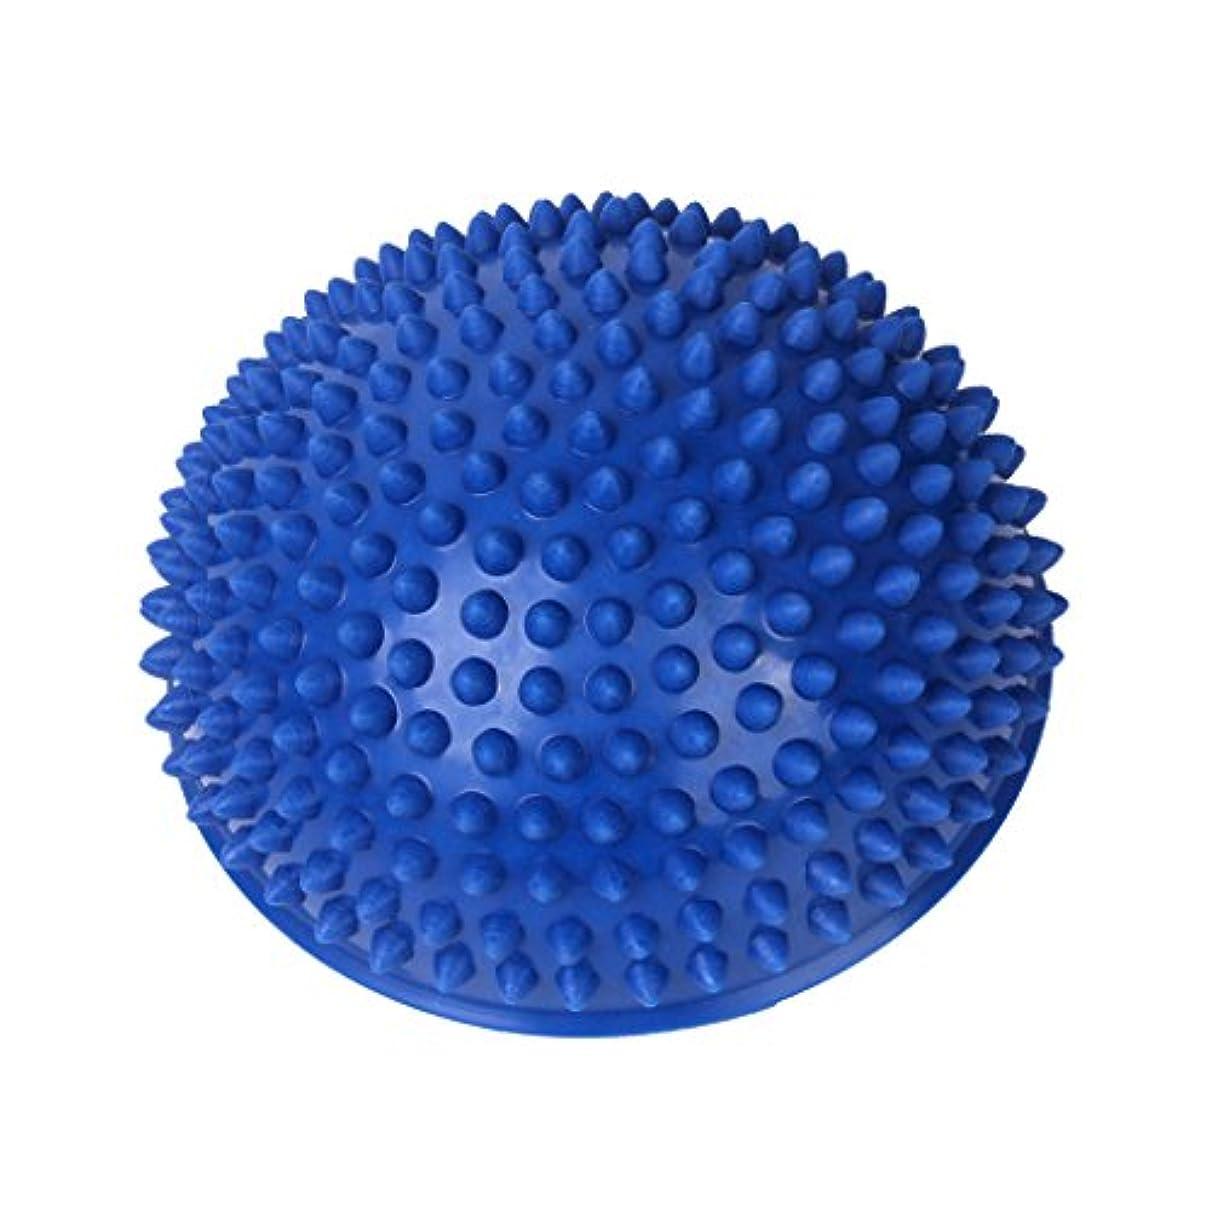 愚かな文芸そしてFootful マッサージボール 半球 健康グッズ 健康器具 血液循環促進 緊張緩和 ブルー